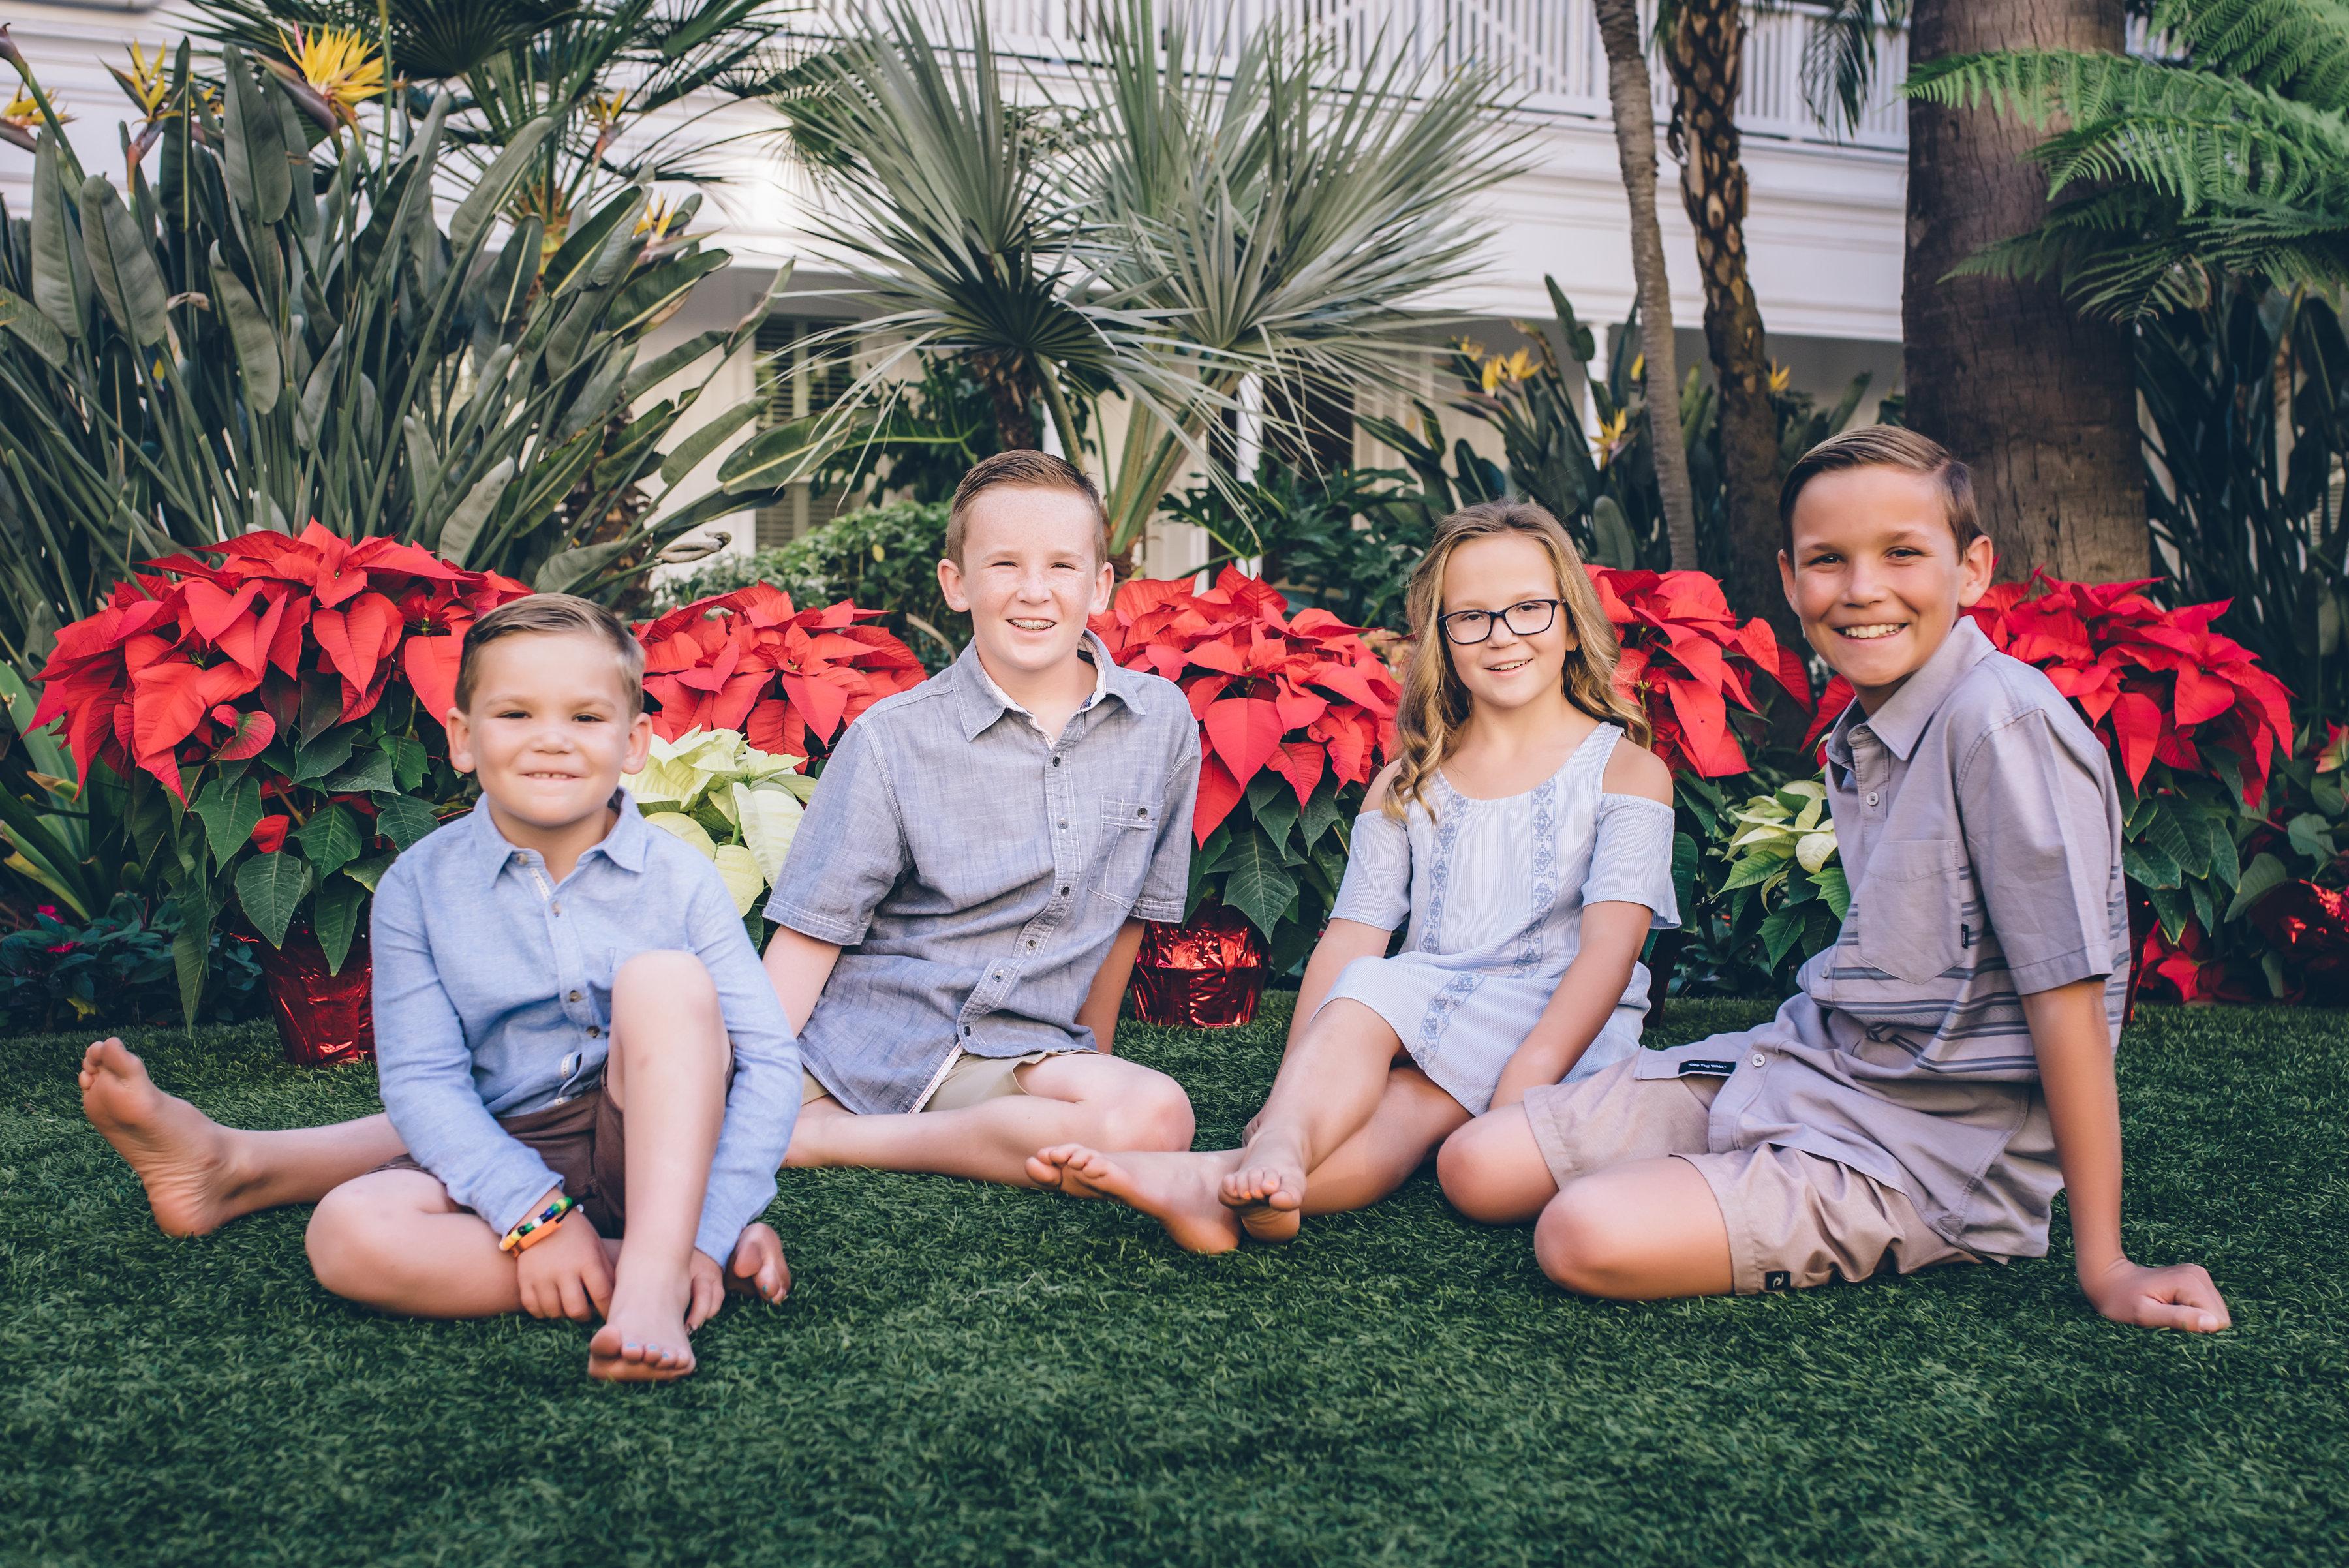 Brad's children - Nov. 2017